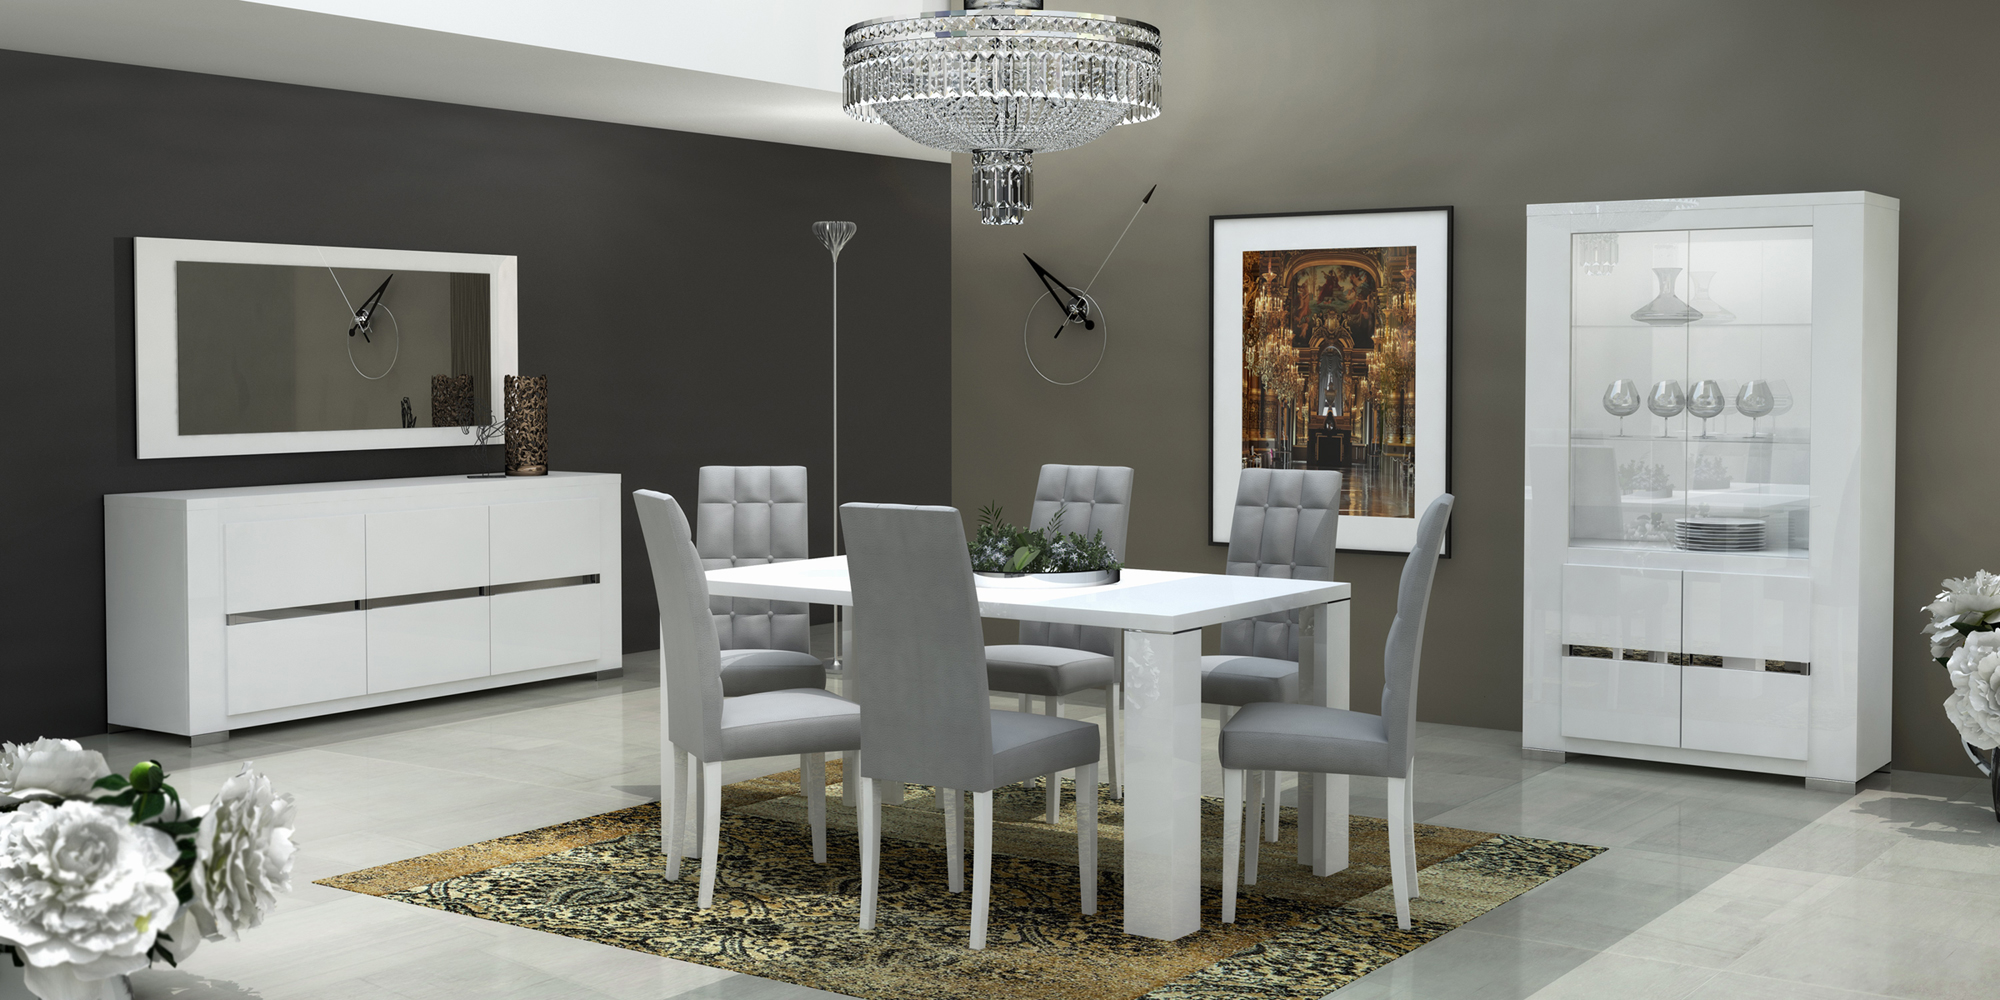 Elegance Dining Room Modern, Modern Dining Room Sets